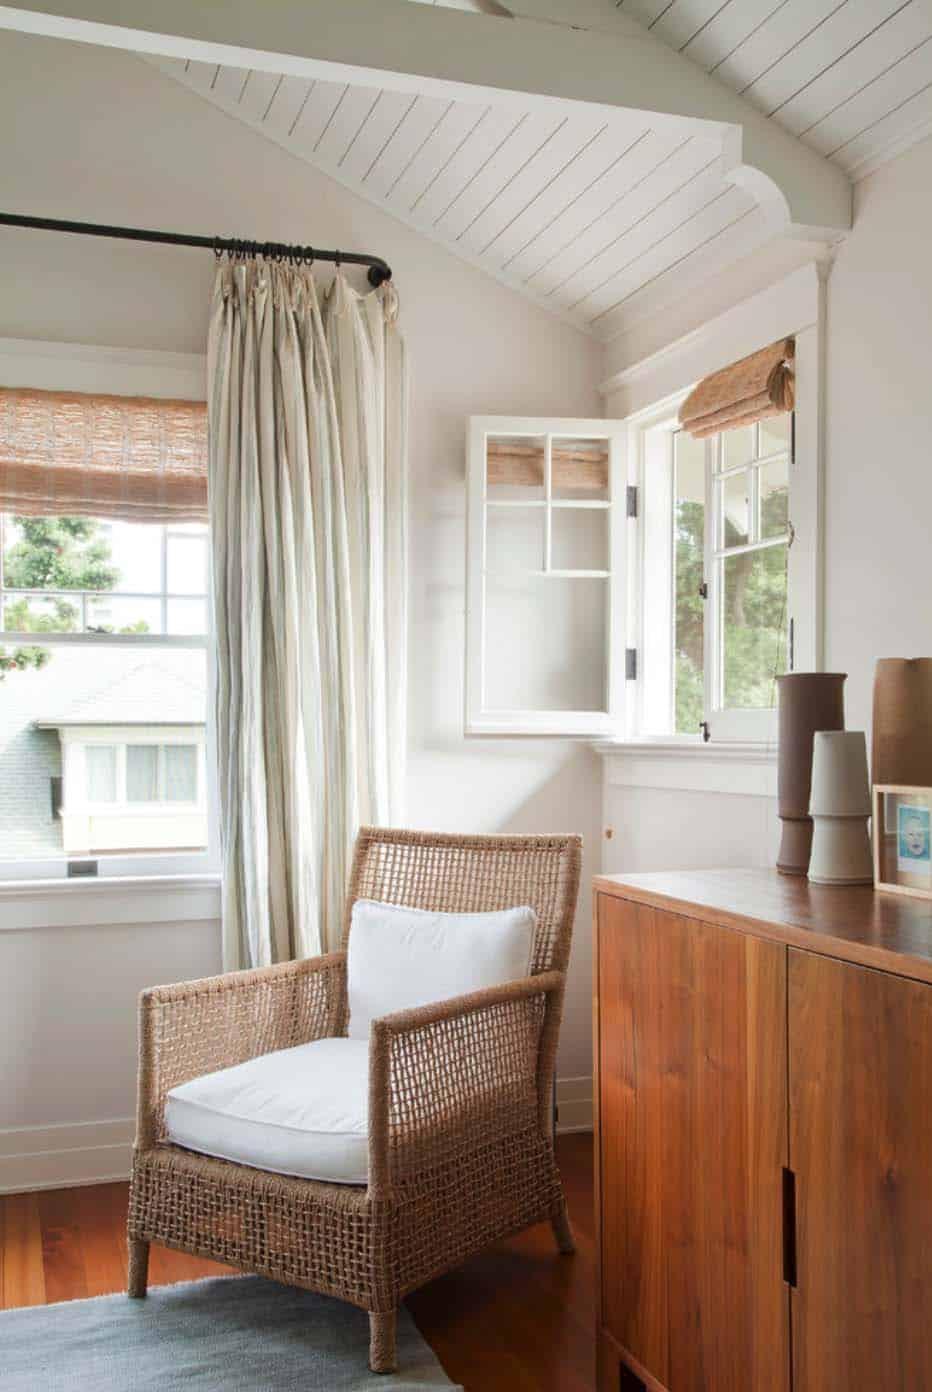 Santa Monica Beach House-Evens Architects-12-1 Kindesign